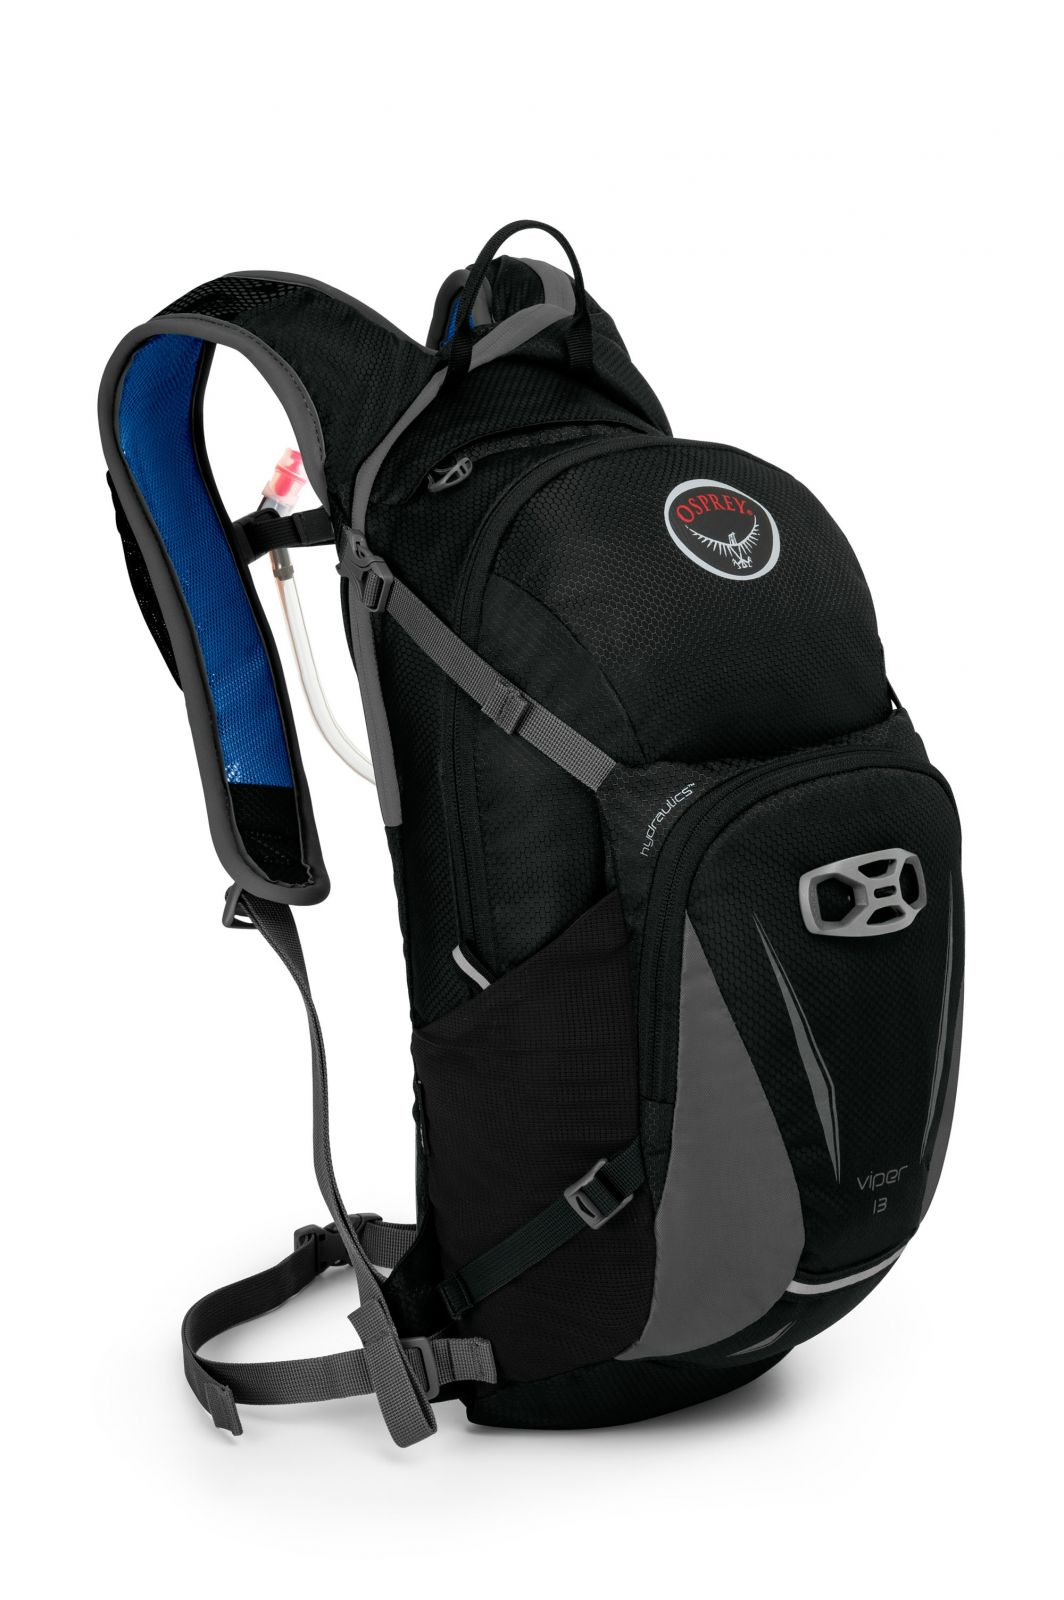 Tazz-Sport - OSPREY Viper 13 Black